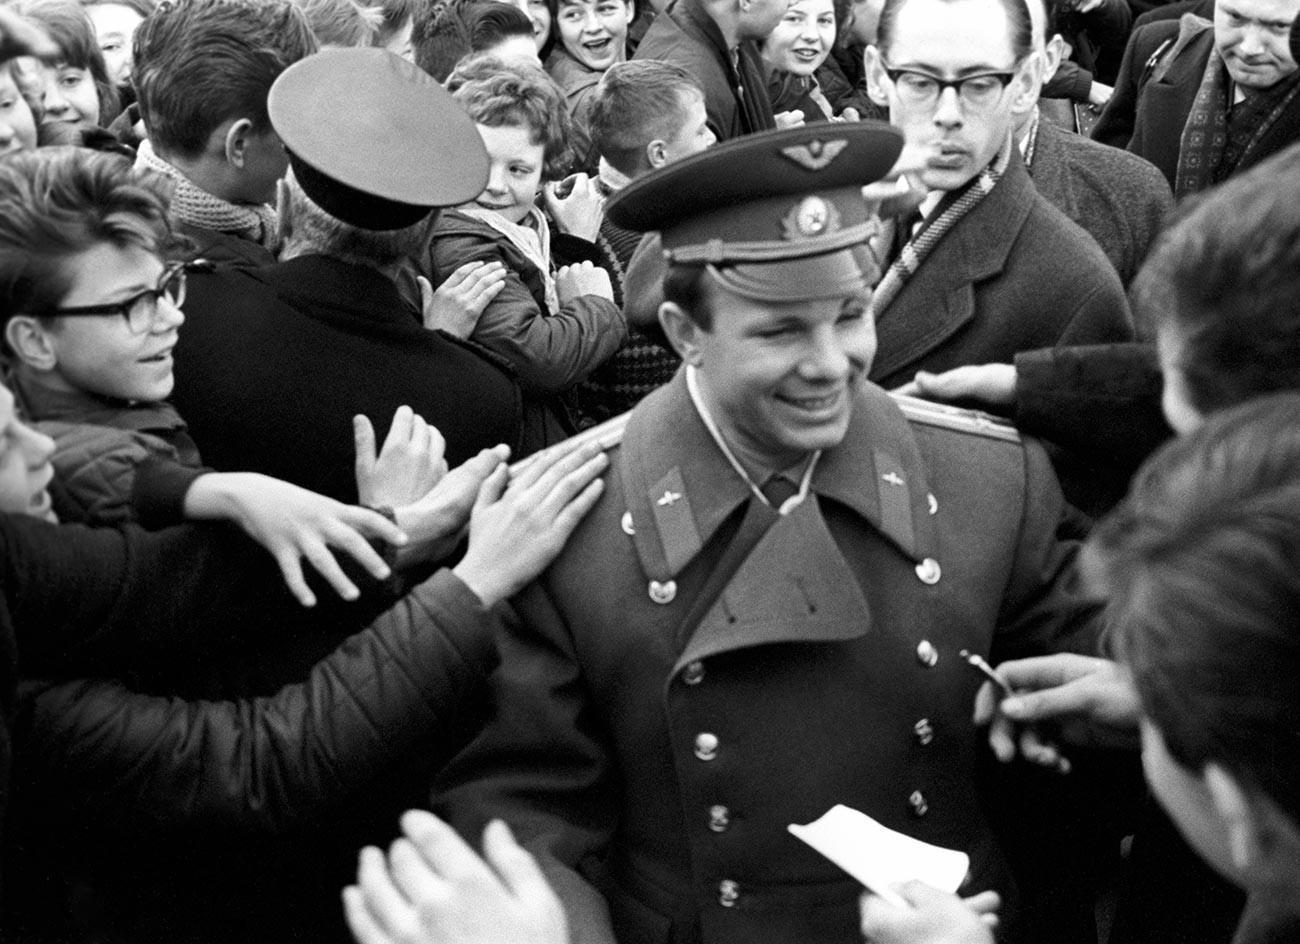 Gagarine rencontre des écoliers en Norvège